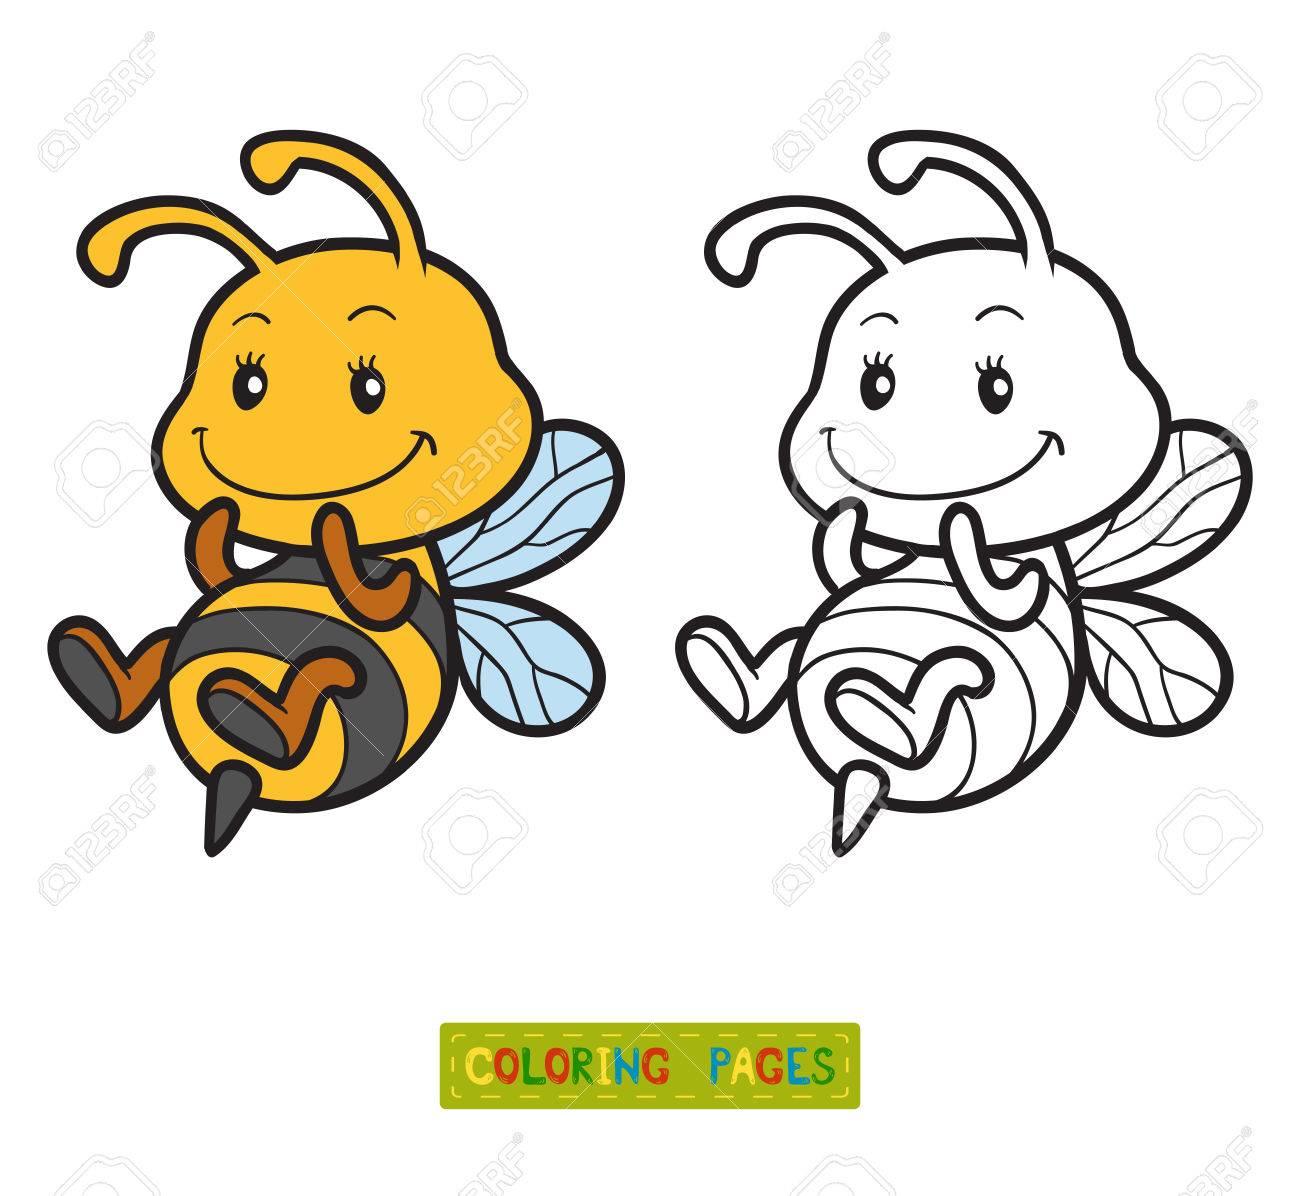 Malbuch für Kinder, Malvorlagen mit einer kleinen Biene